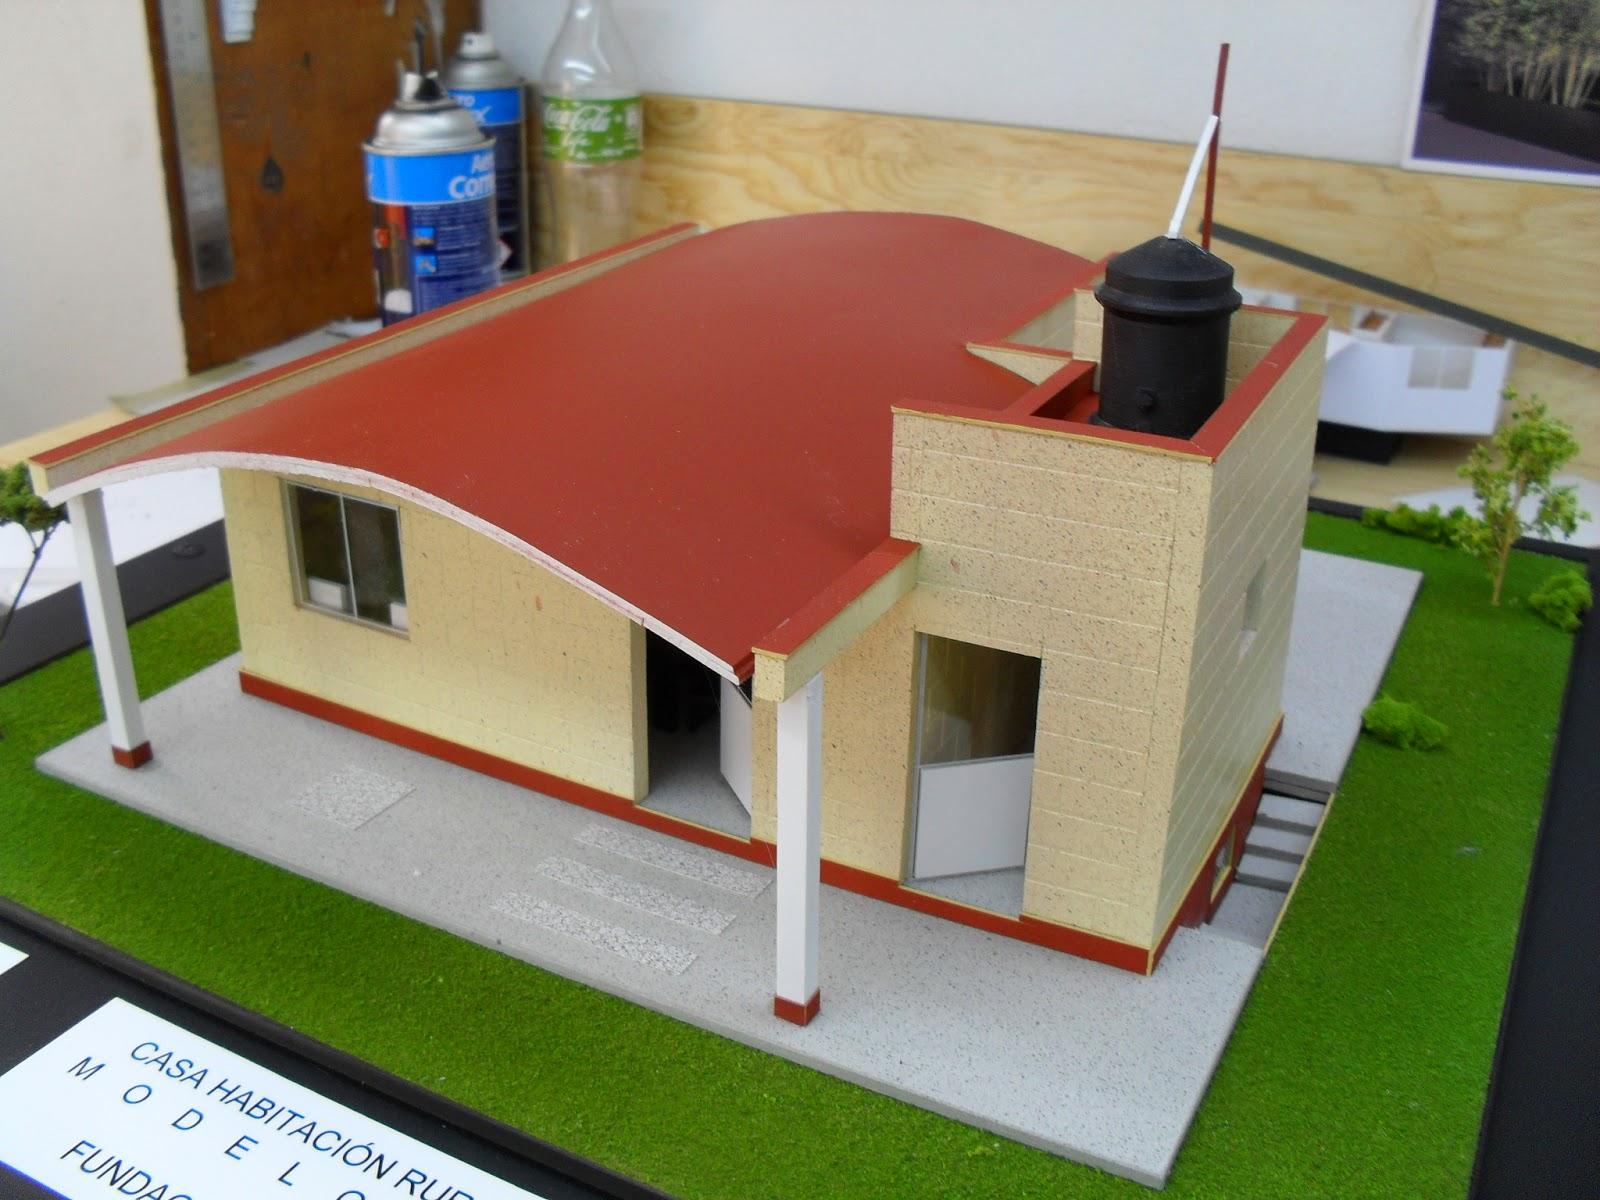 Maquetas de casas paso a paso images - Como hacer una maqueta de una casa ...